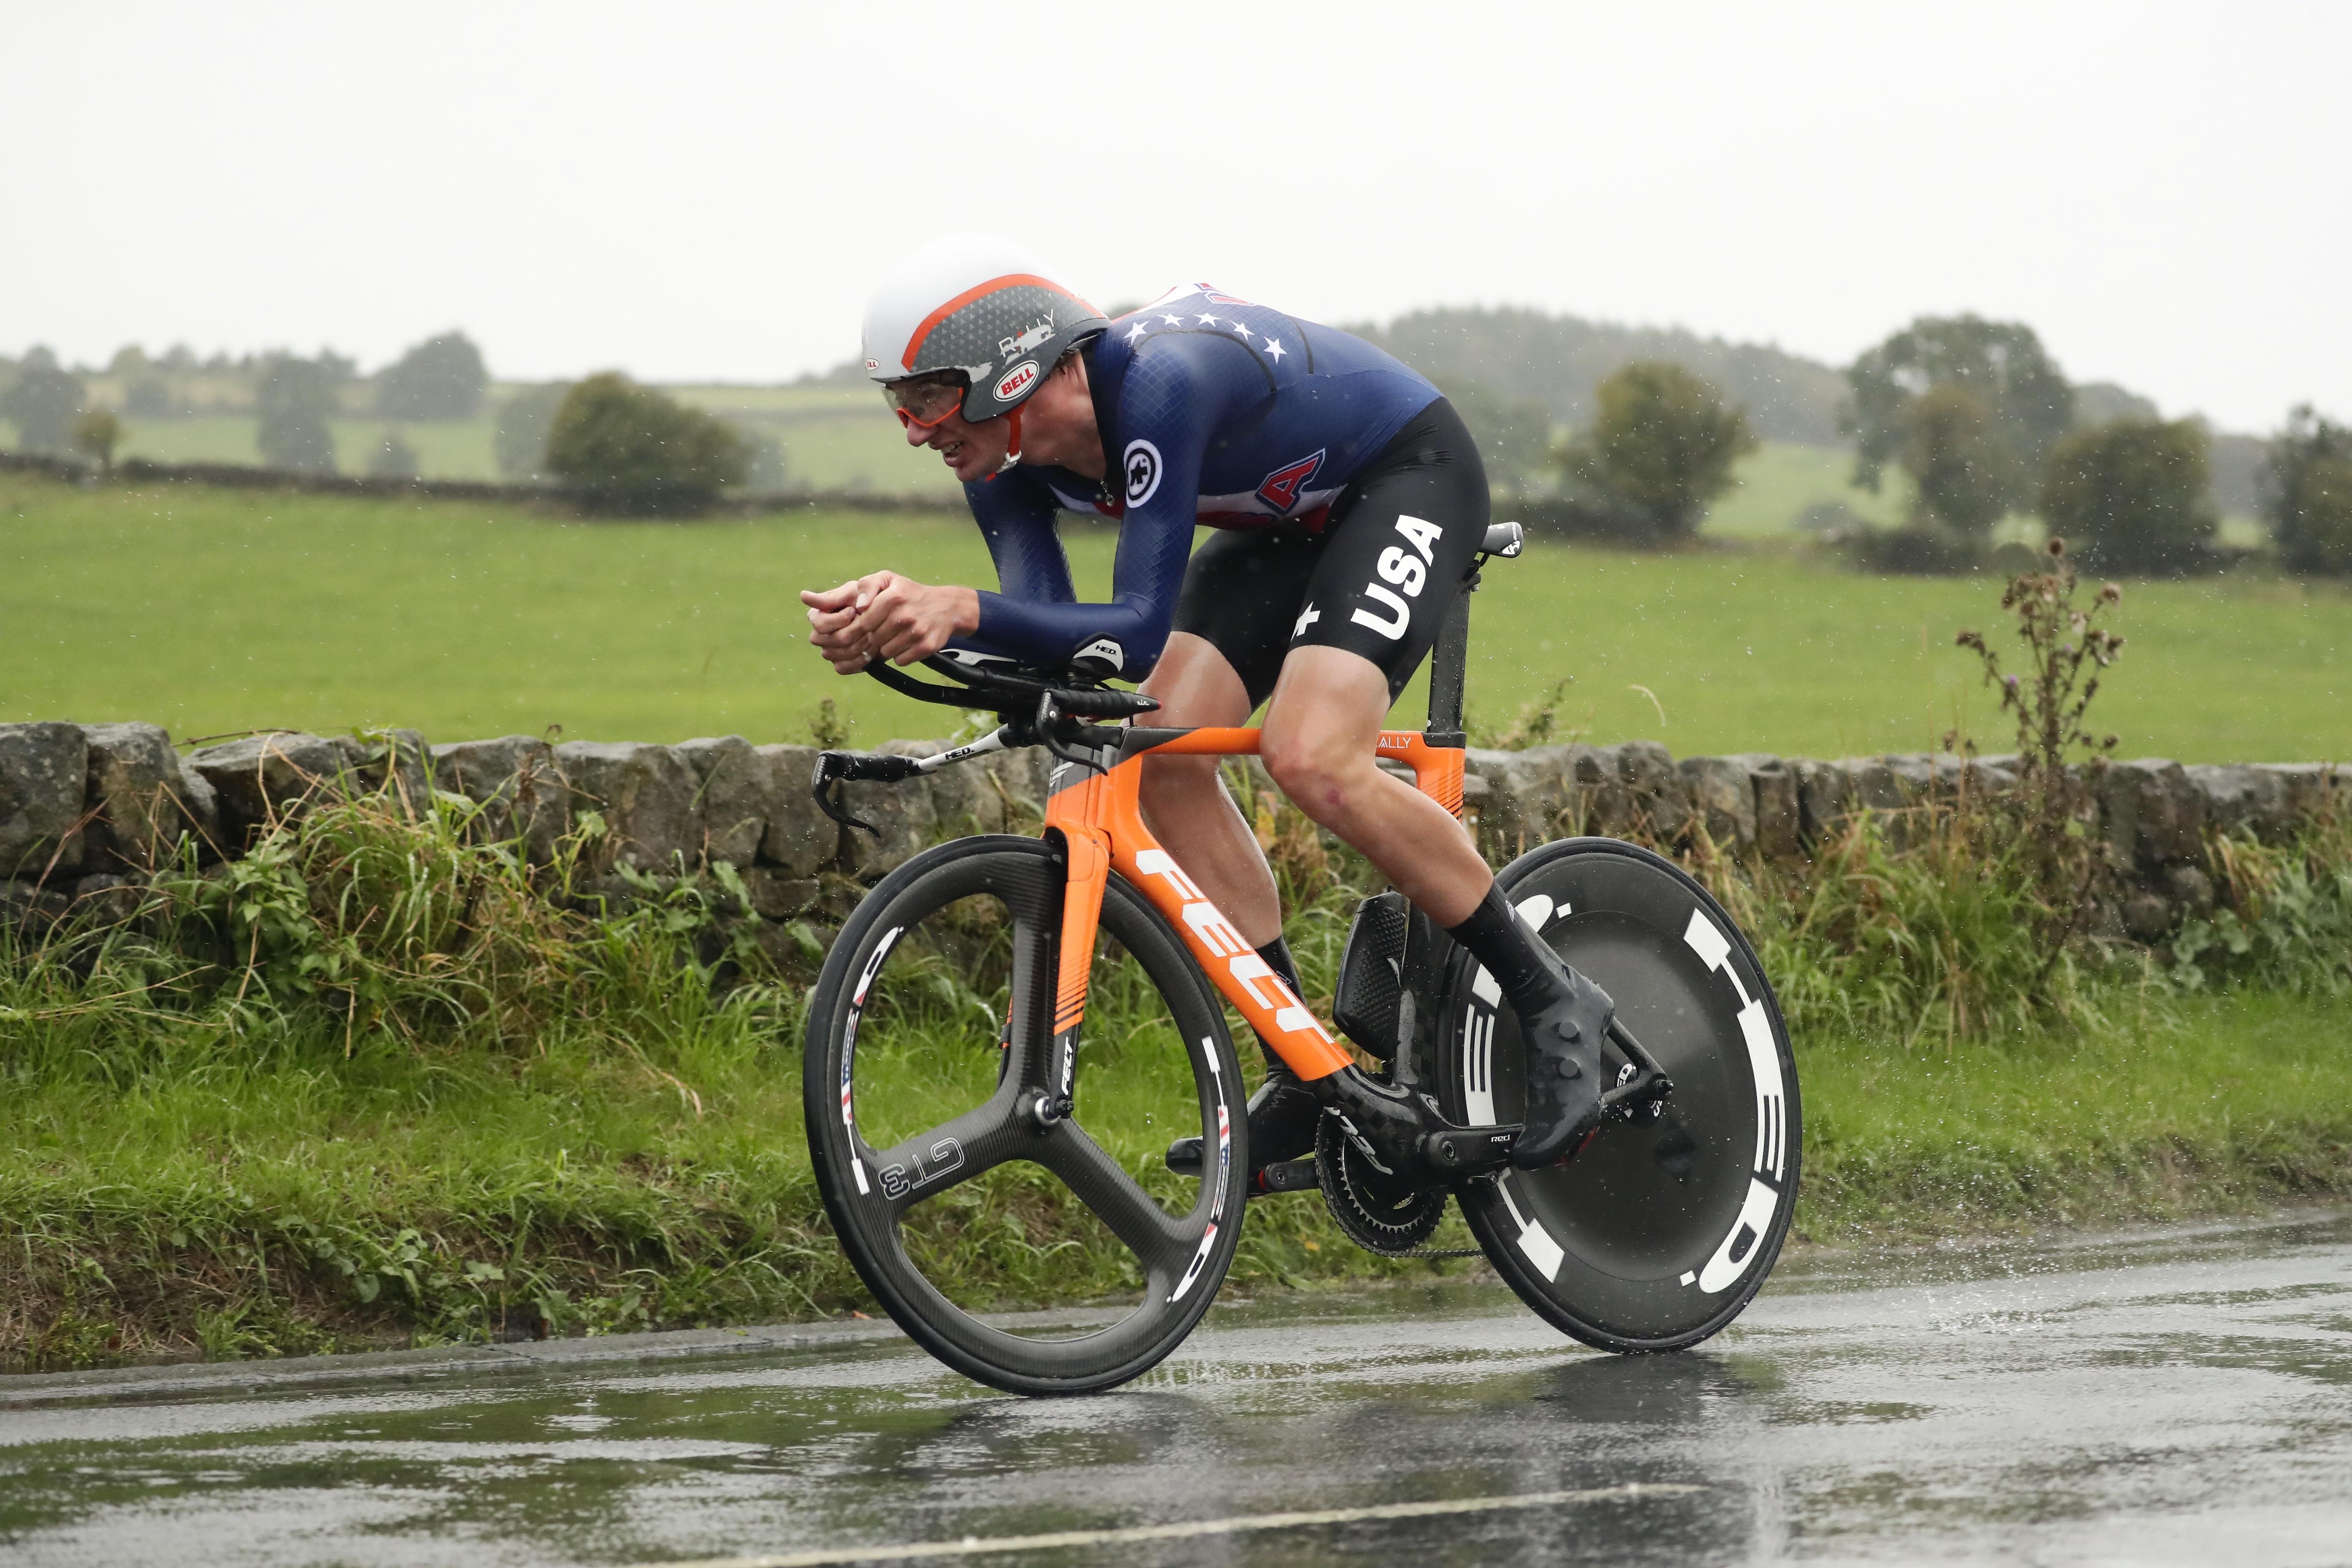 En una prueba que tuvo finalmente 261 km de recorrido, recortado por las duras condiciones climáticas en el nordeste de Inglaterra, el desenlace se decidió a poco más de 30 km para la meta, cuando se formó un quinteto de fugados que se disputarían la victoria